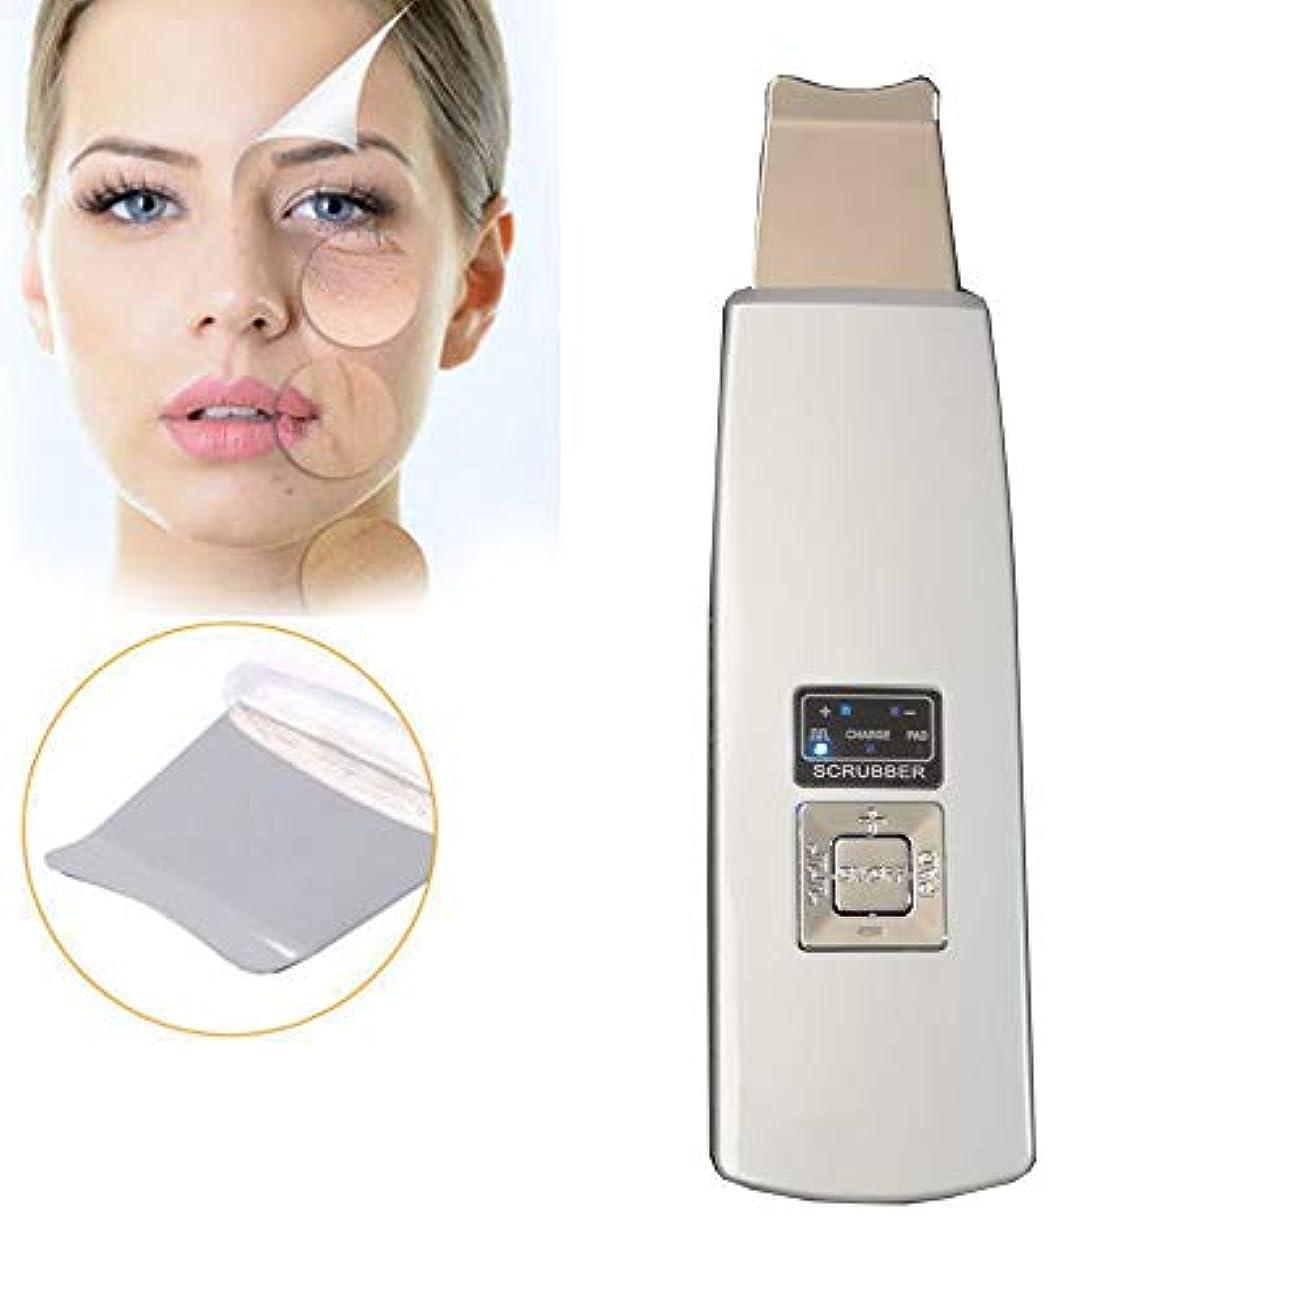 接ぎ木うなるたらい顔の皮膚のスクラバー、ポータブル?フェイシャル超音波超音波イオンスキンケアスクラバーデバイス美容機は、ブラックヘッド面皰死んだ皮膚の除去を削除する方法